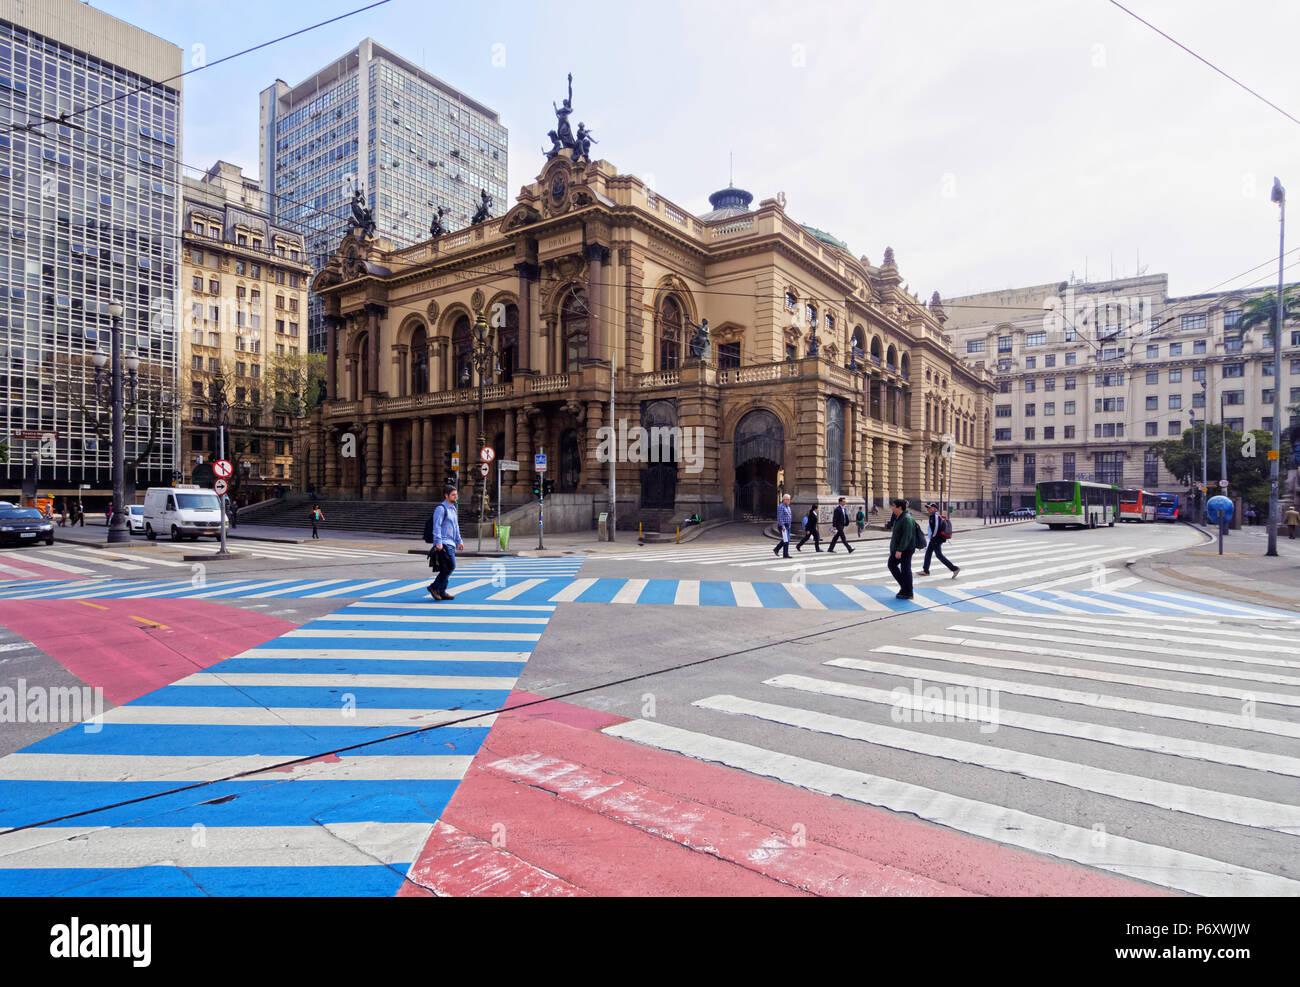 Brasil, Estado de Sao Paulo, Ciudad de São Paulo, vista del Teatro Municipal en el cruce de viaduto do Chá, Rua Xavier de Toledo y Praça Ramos de Azevedo. Foto de stock